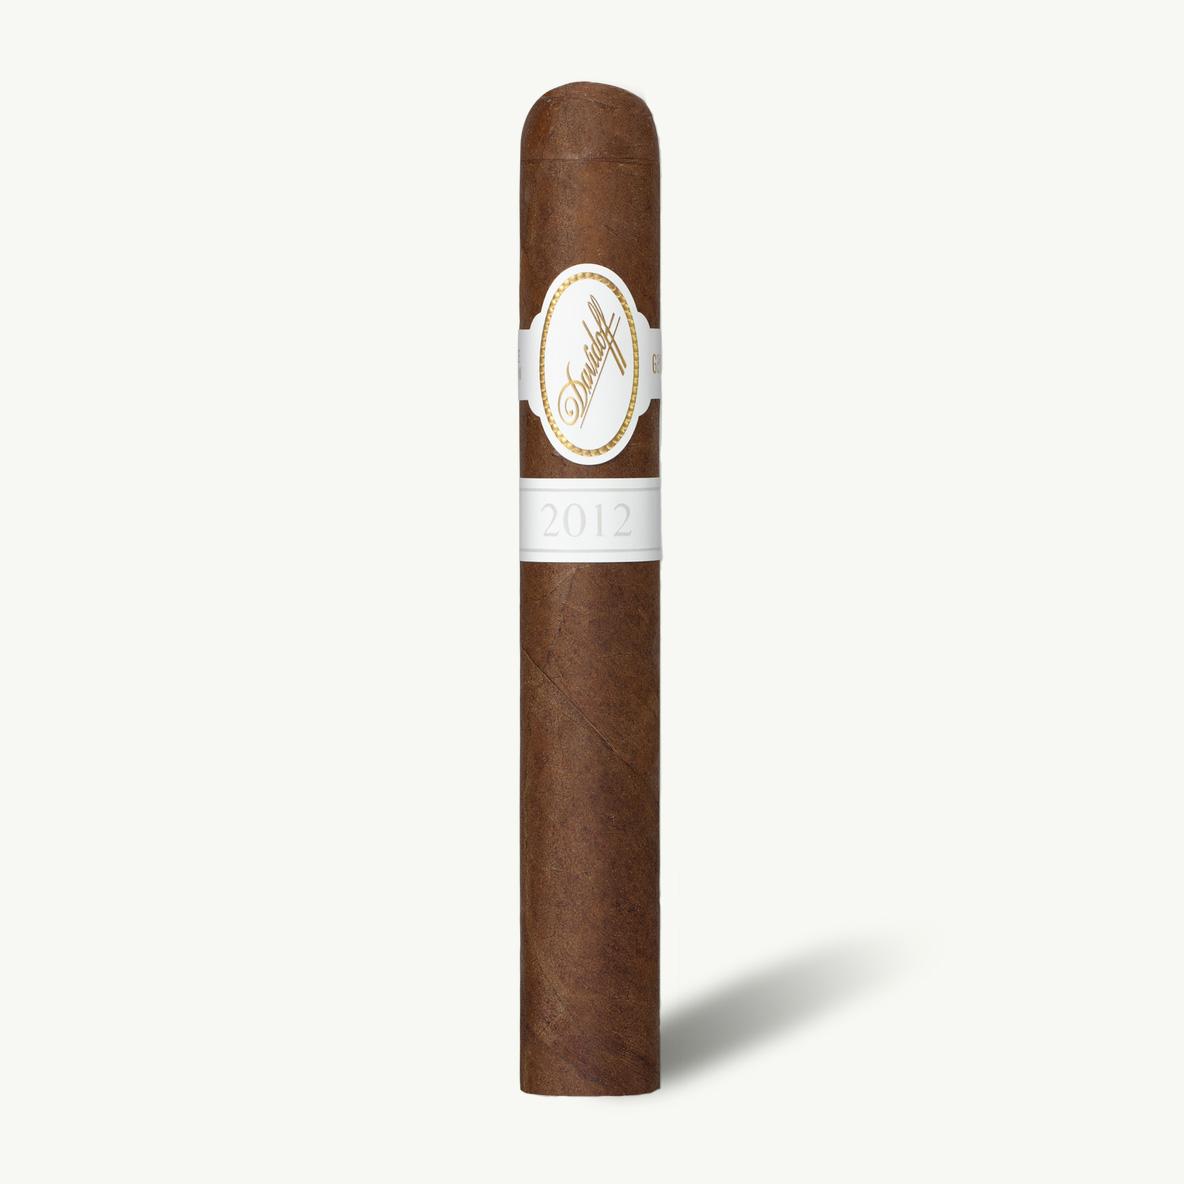 Табачные изделия в 2012 сигареты собрание купить в спб магазин